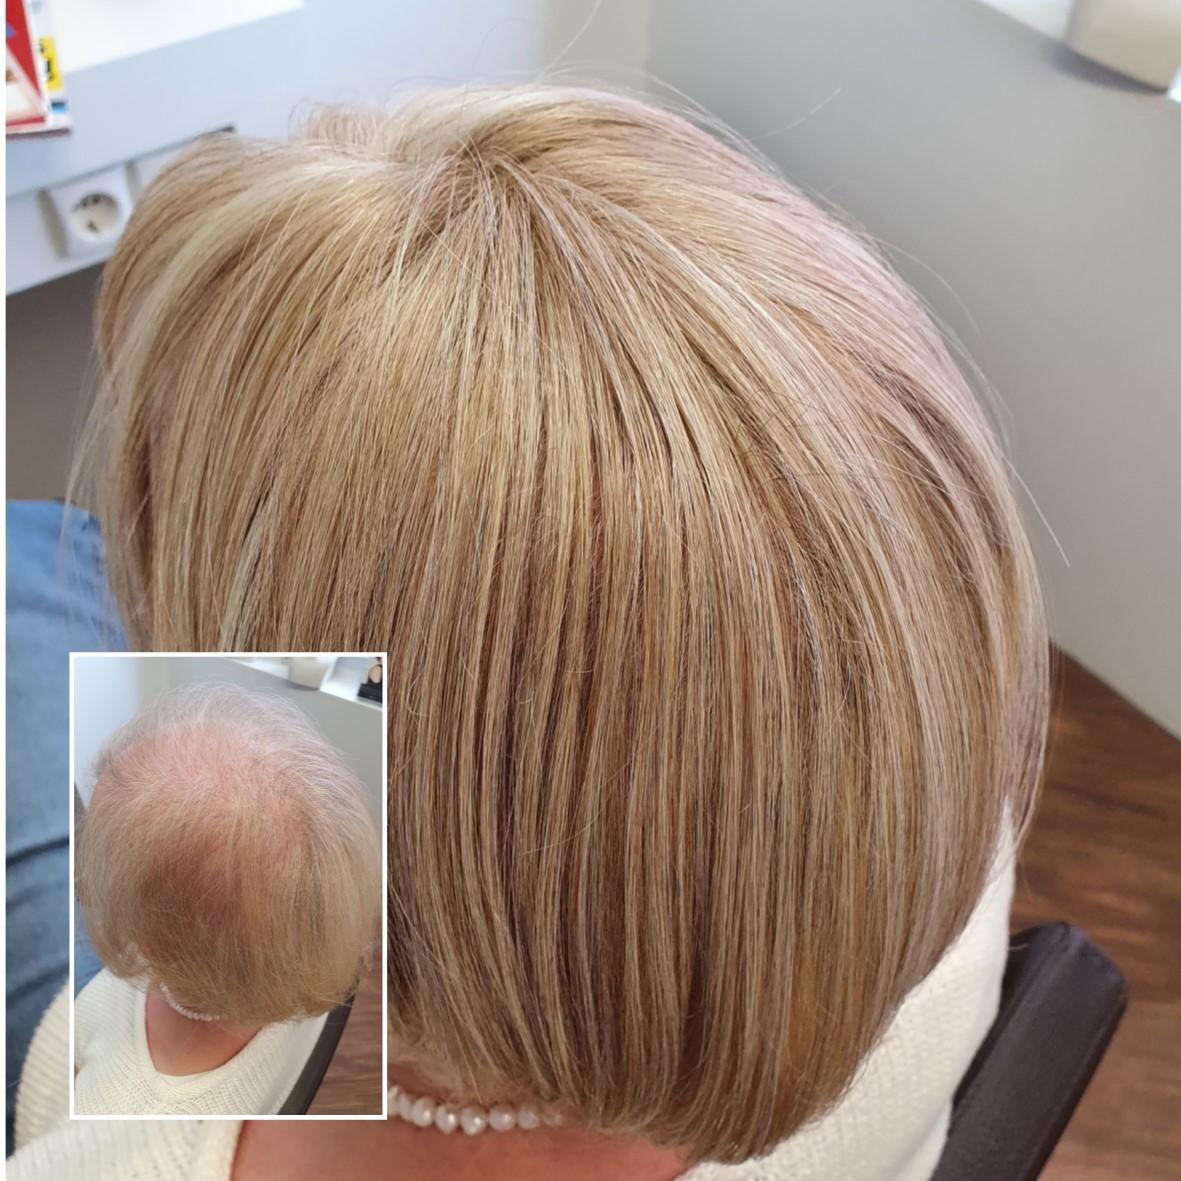 Die Lösung für dünner werdendes Haar